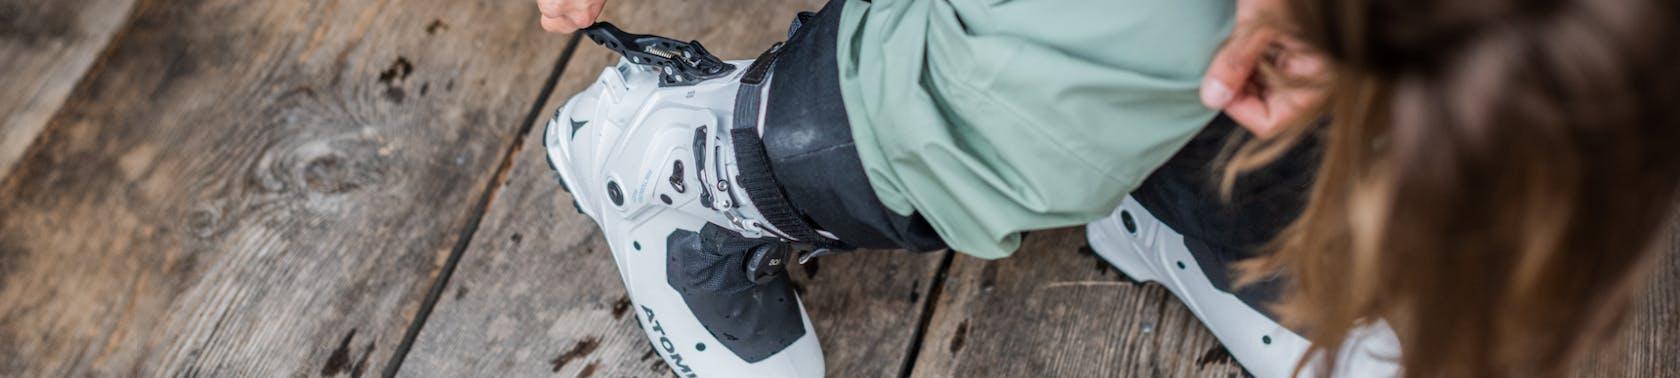 scarponi scialpinismo